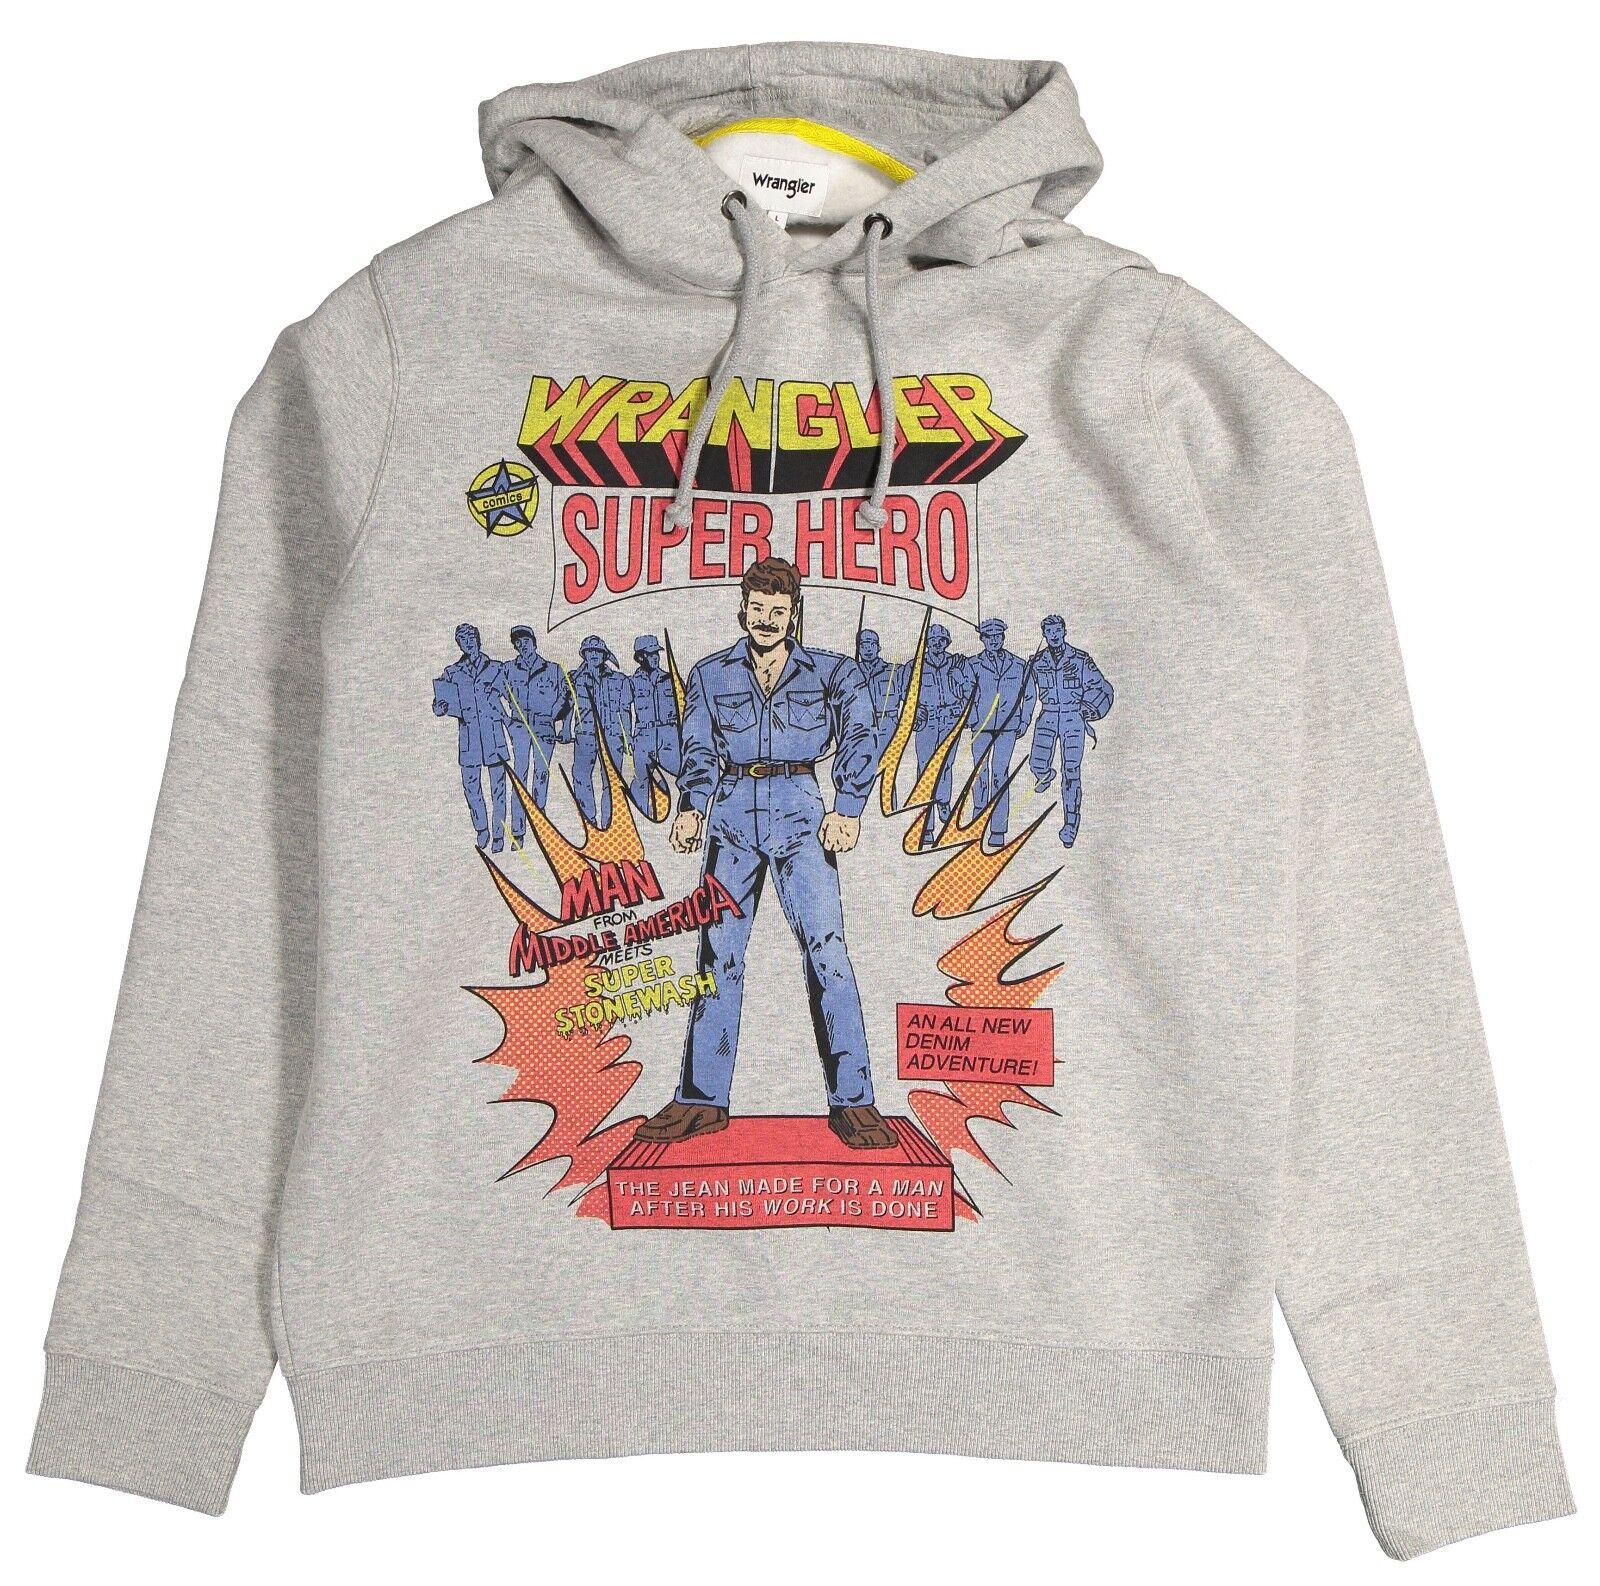 380a201824 ... Wrangler Rétro Années 80 Super Super Super Héros Grand Sweat Capuche  Logo Sweat Melange Gris